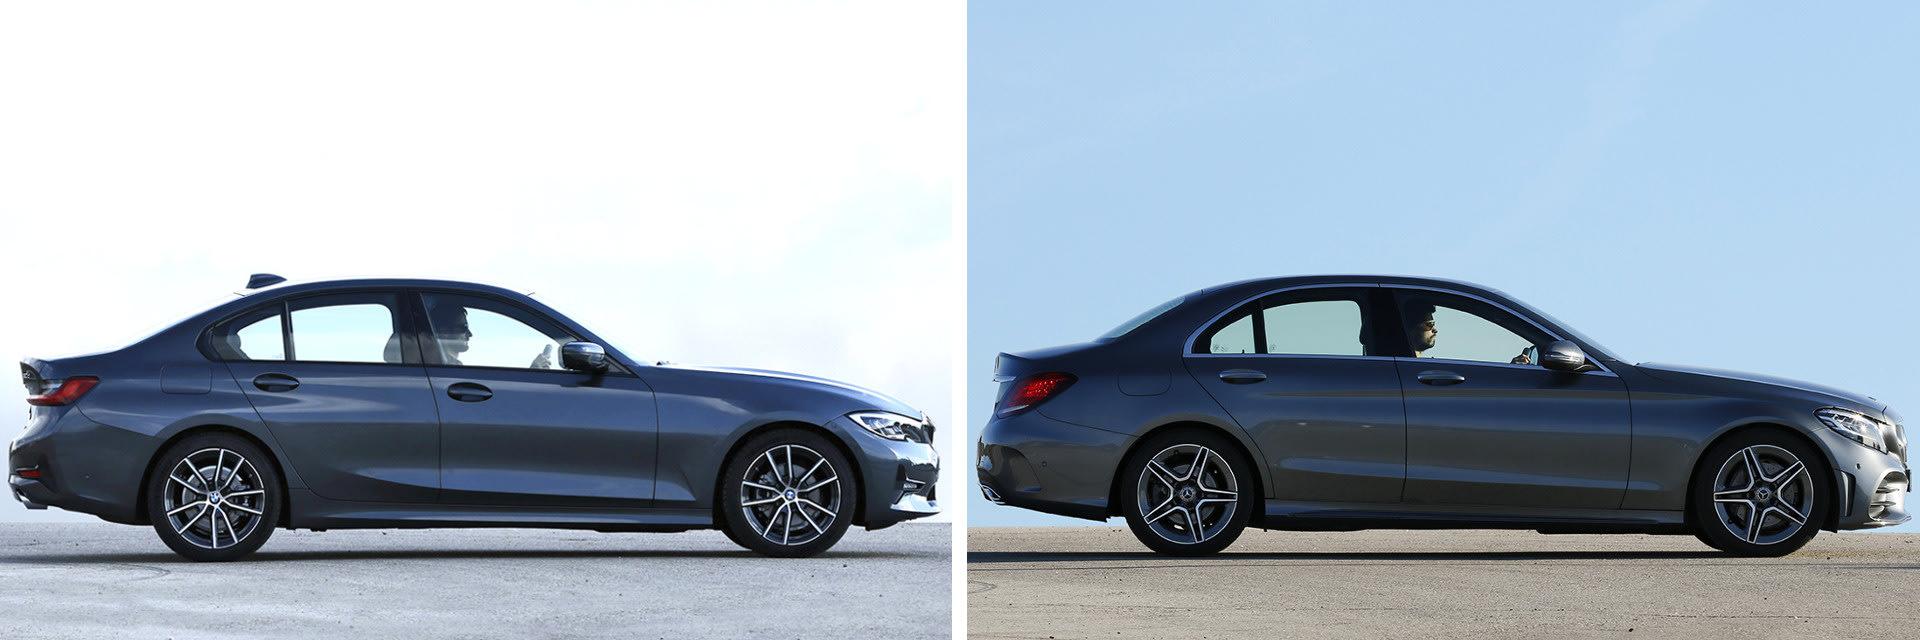 Las fotos del BMW Serie 3 (izq.) corresponden al acabado Sport (48.800 €) y las del Mercedes-Benz Clase C (dcha.) al AMG Line (47.791 €). A estos precios habría que sumar el del equipamiento opcional de cada modelo (*) / km77